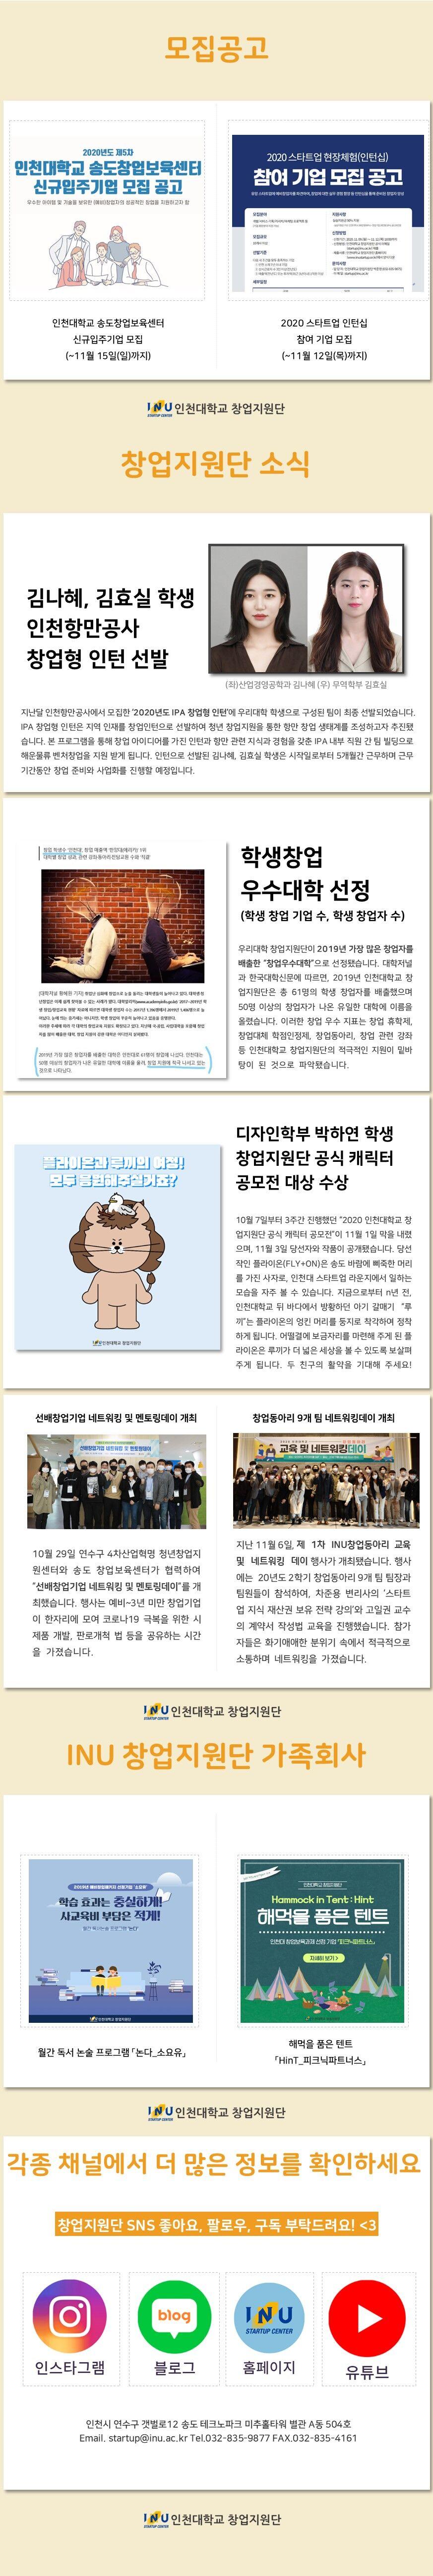 뉴스레터 2호(11월 10일 발간)2.jpg